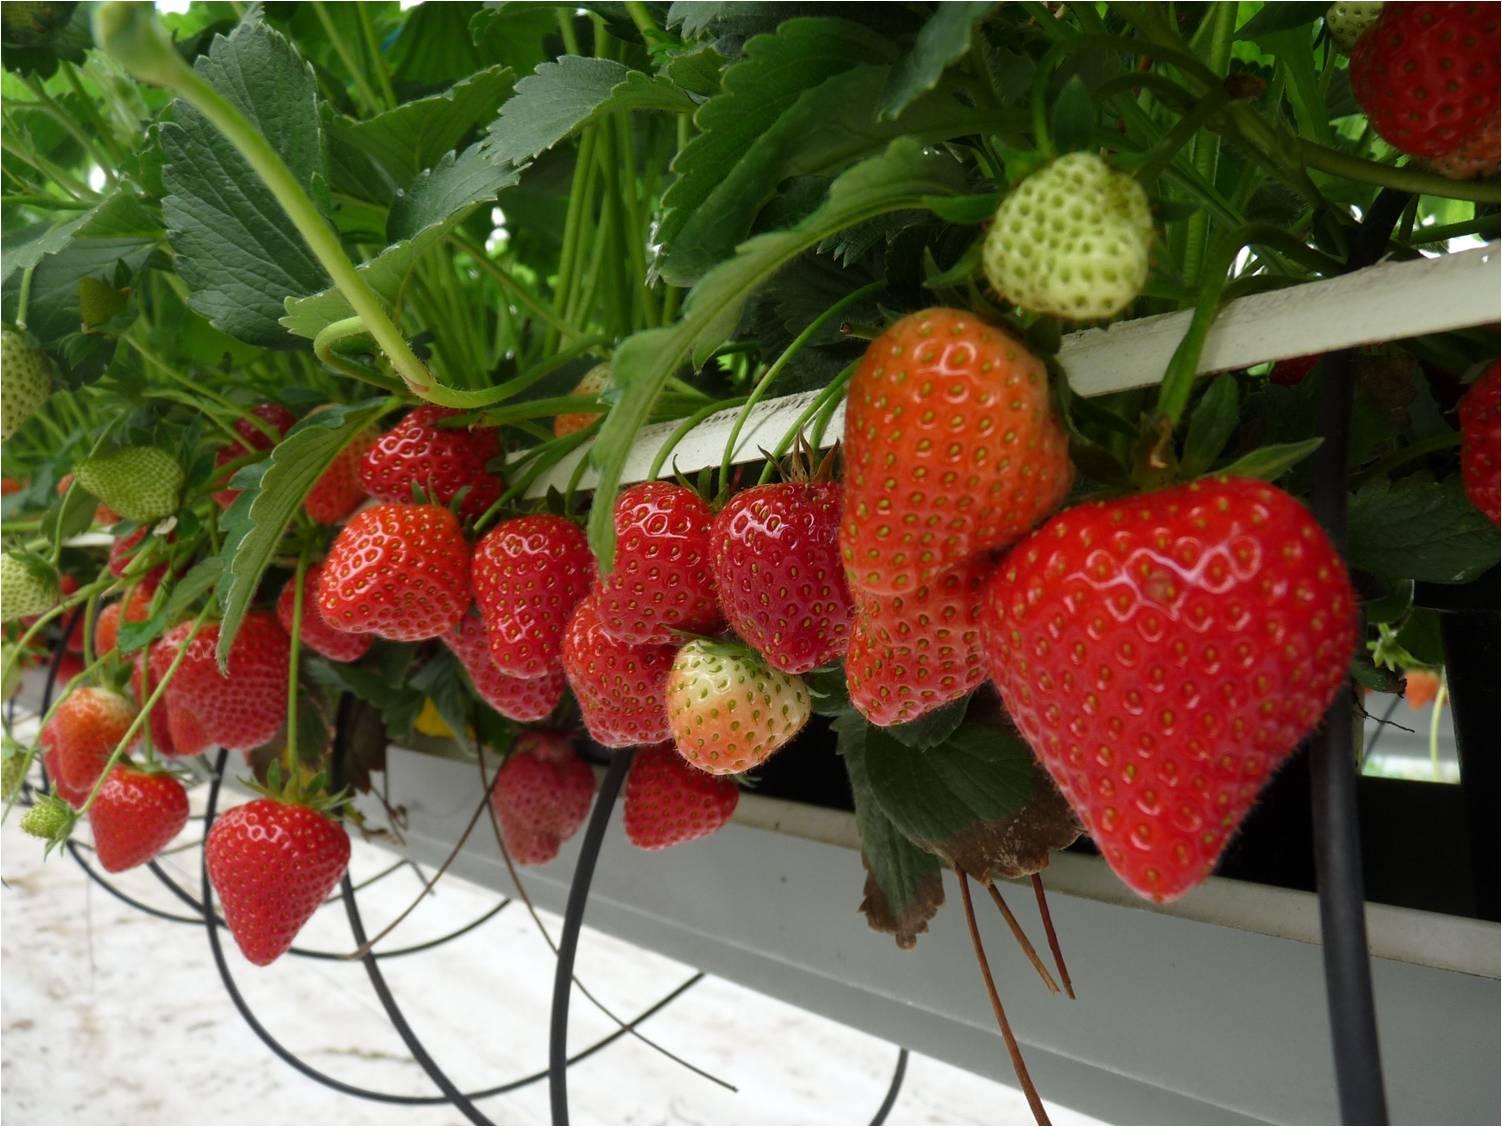 Projet Protection Biologique Intégrée fraises-légumes dans le Nord-Pas-de-Calais